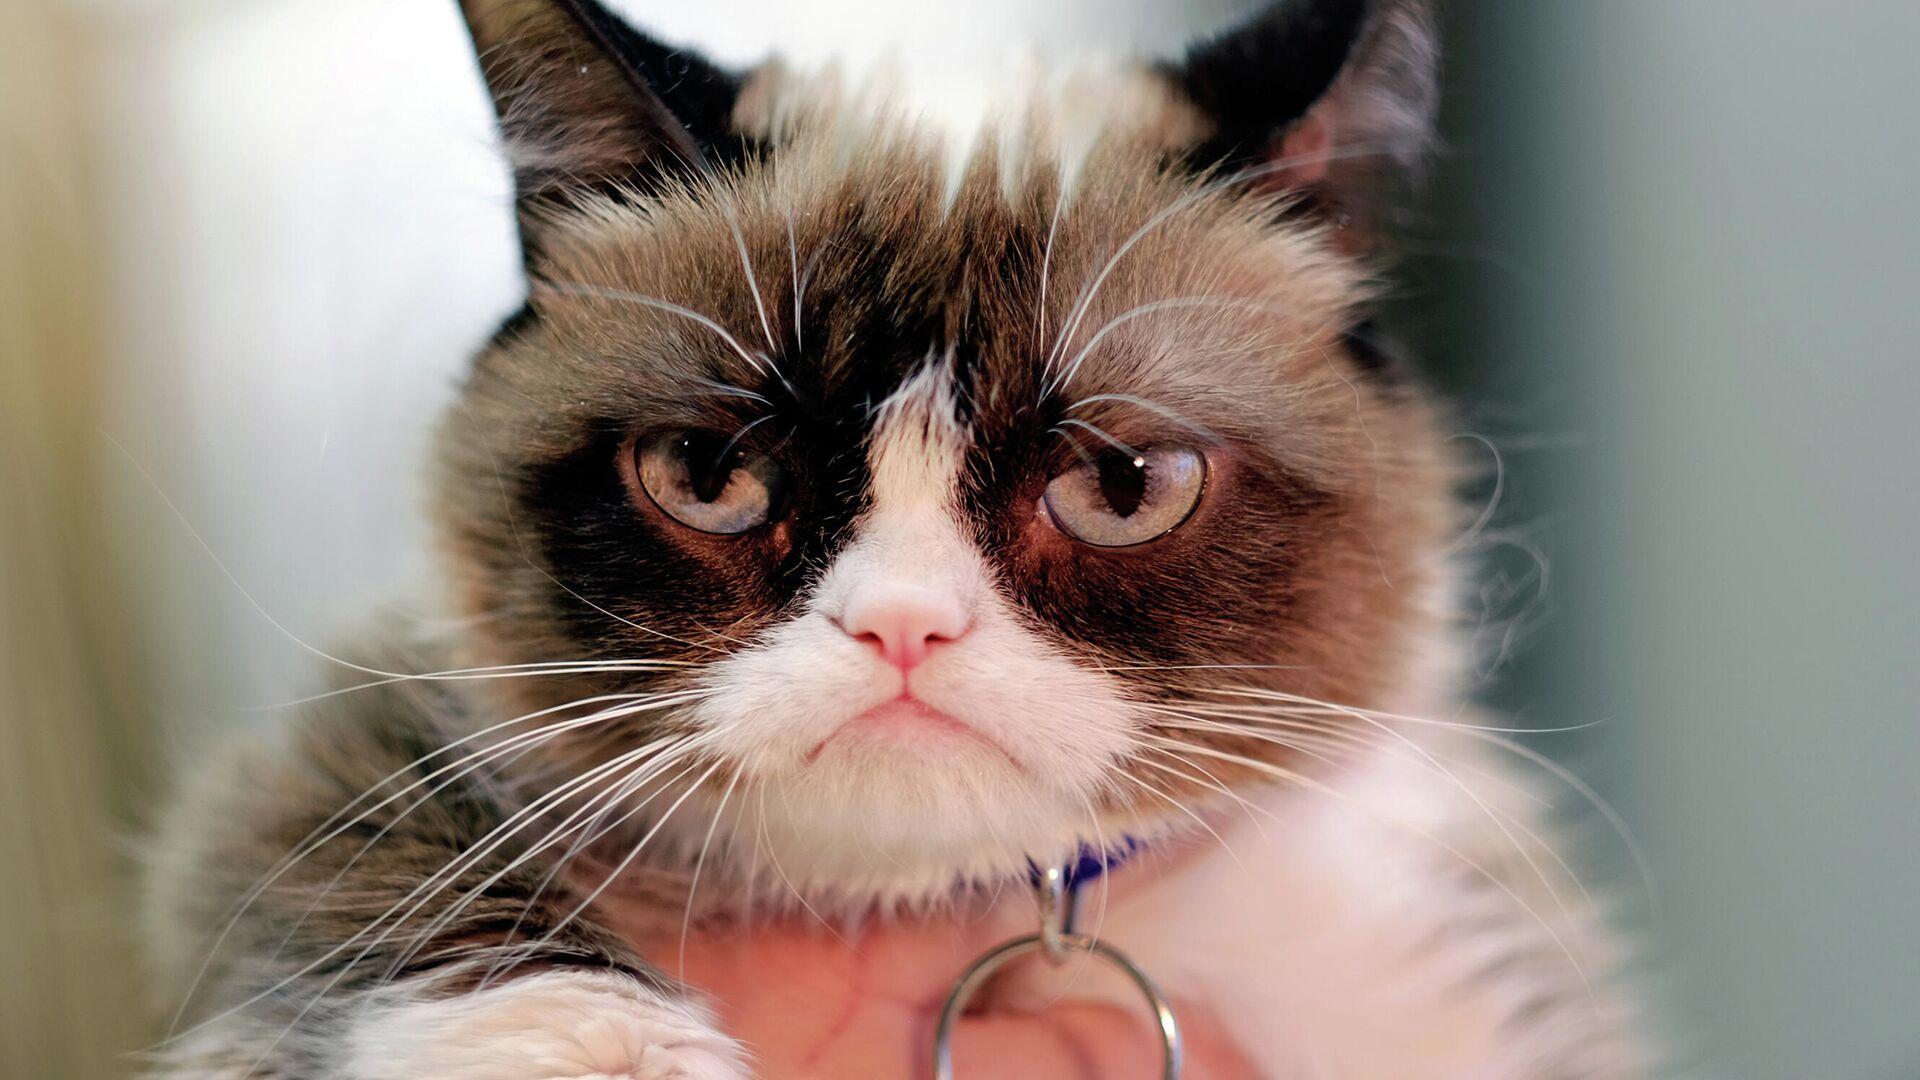 Сердитый кот (Grumpy Cat) - РИА Новости, 1920, 23.09.2020